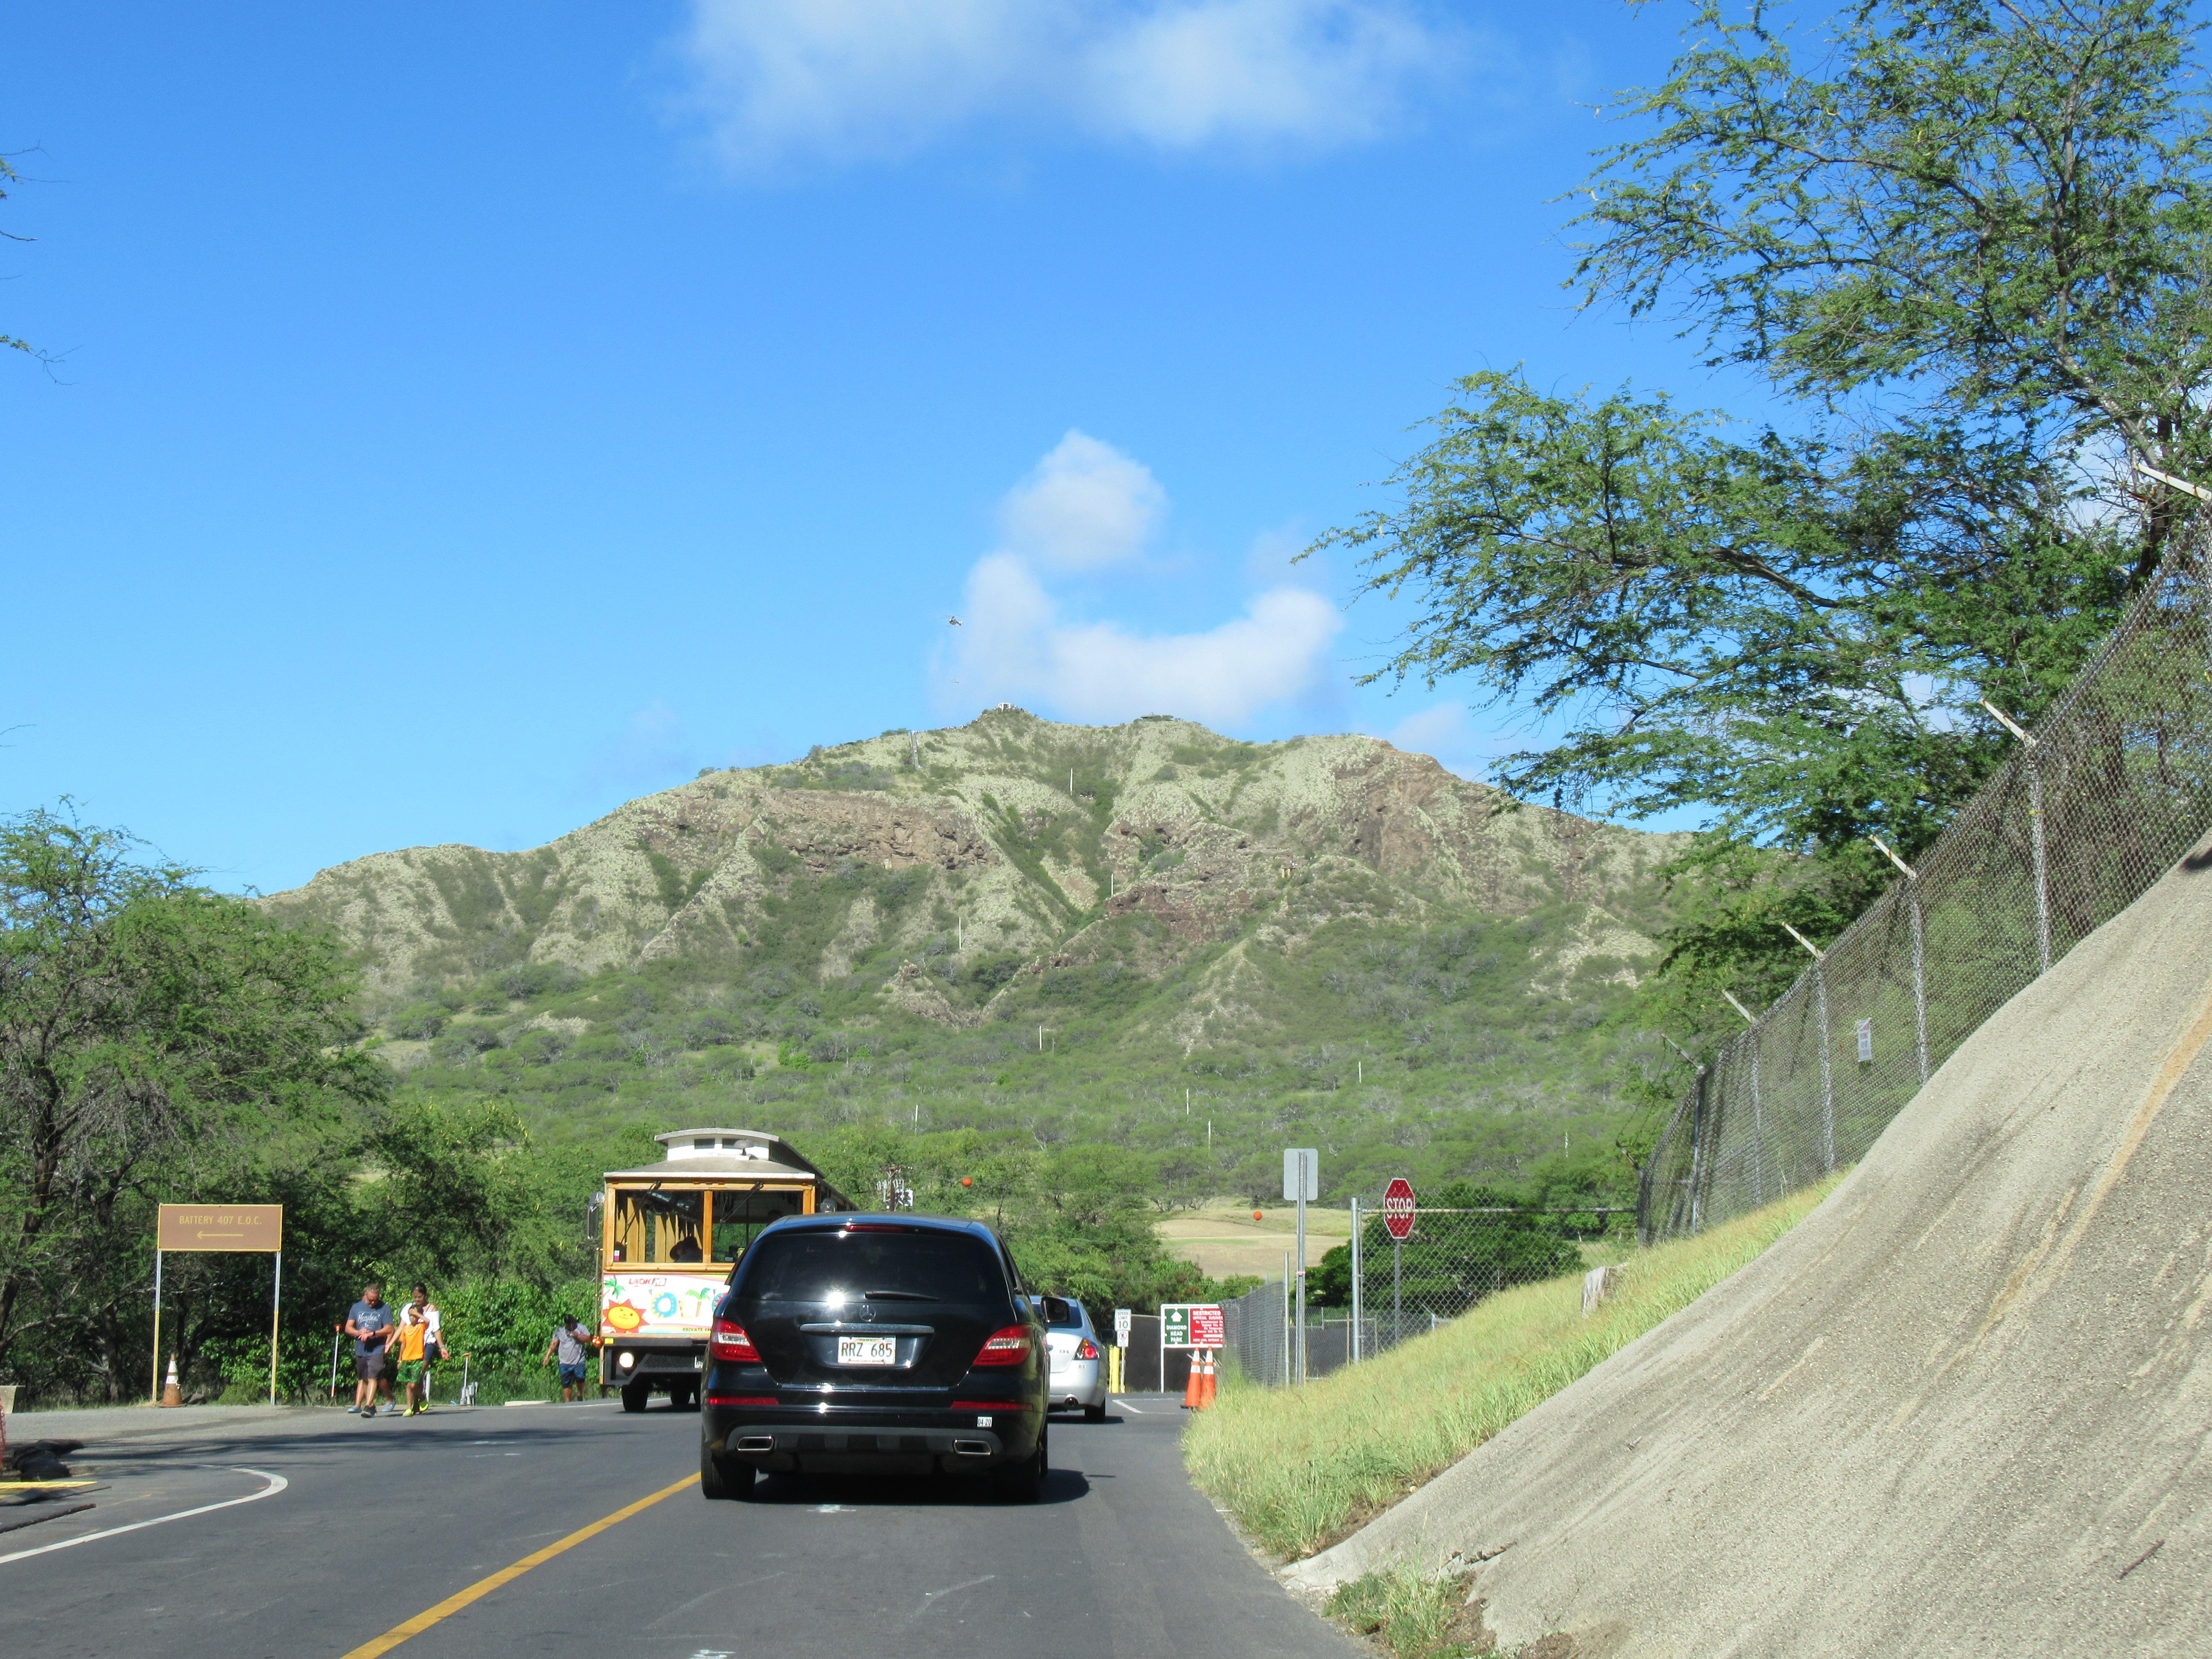 ダイアモンドヘッドの行き方5選☆駐車場が満車の時は?レンタカーでの注意点|ハワイ子連れ旅ブログ